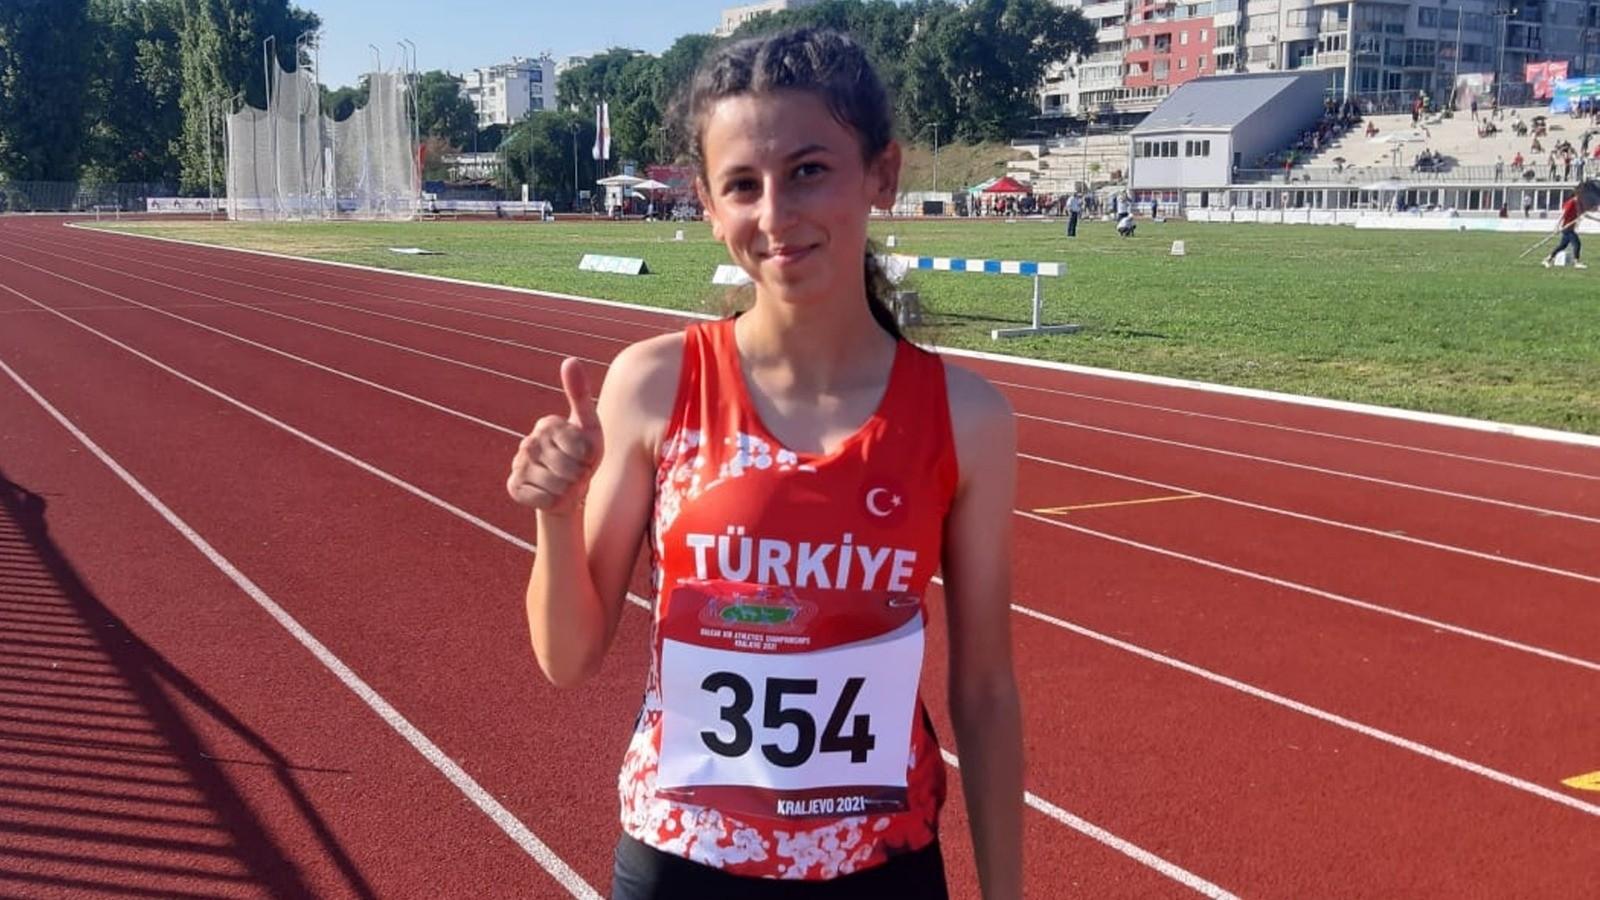 Ay yıldızlı formayla ilk kez koşan milli atlet Balkan üçüncüsü